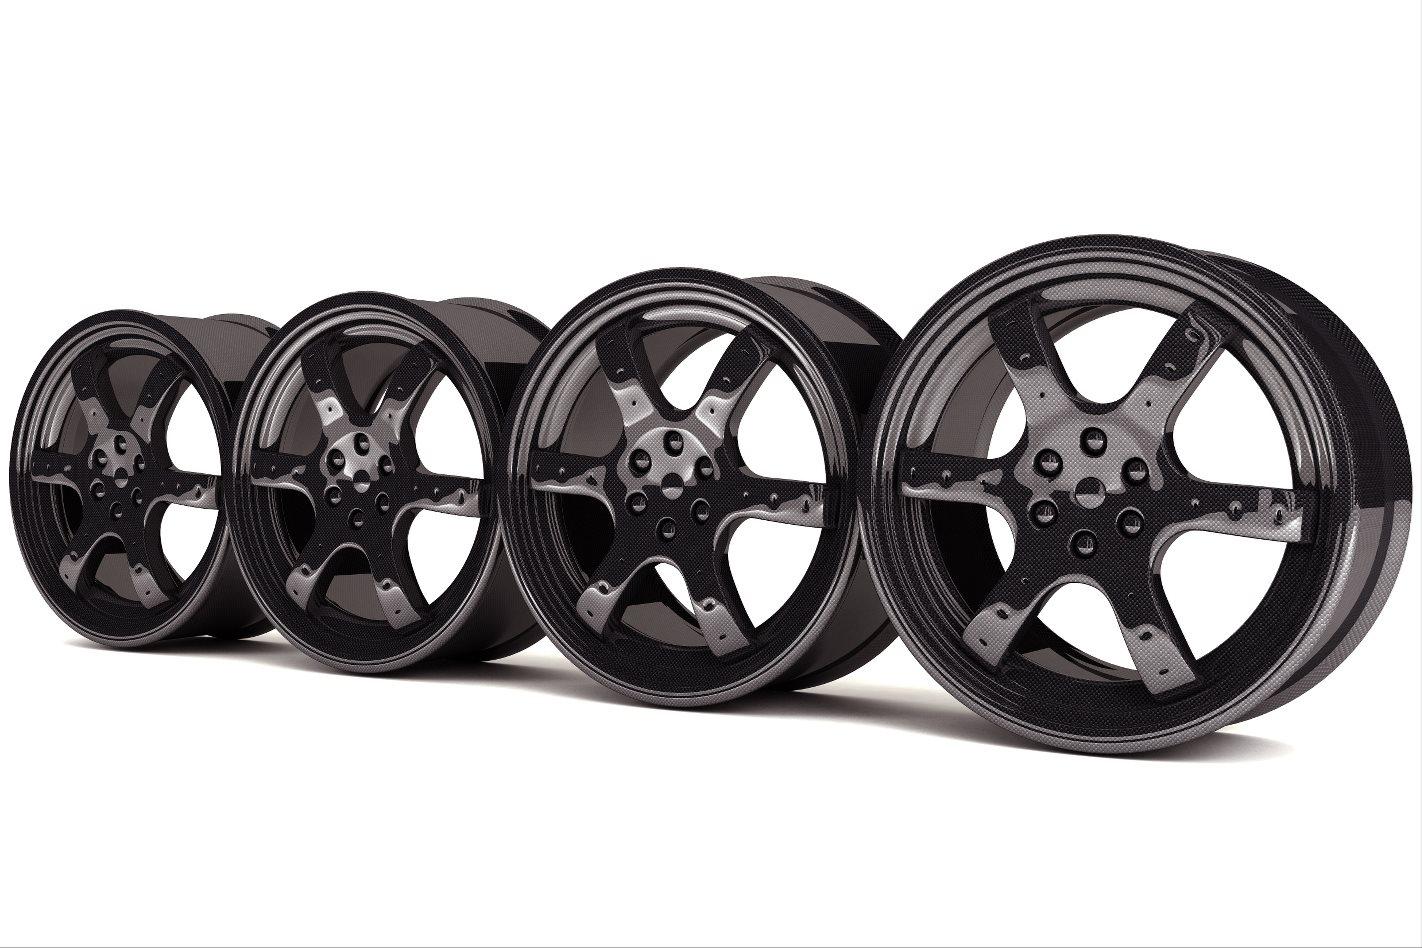 Carbonfibre wheels